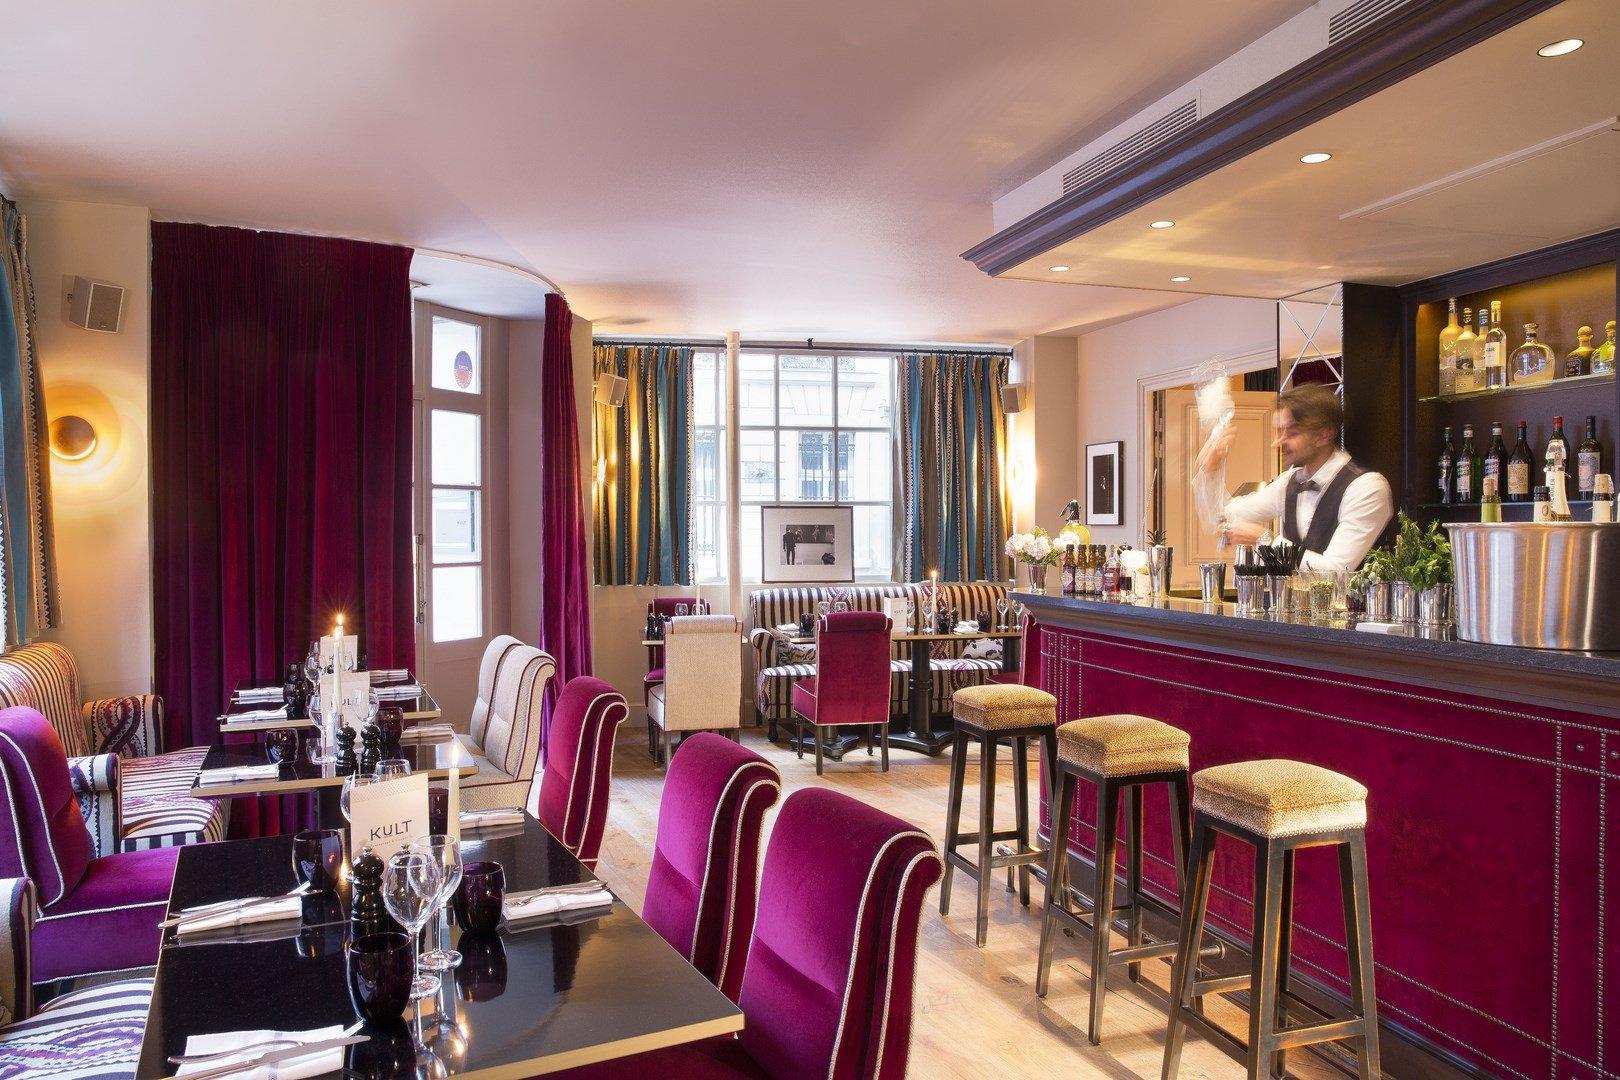 restaurant kult le saint h tel paris paris paris. Black Bedroom Furniture Sets. Home Design Ideas